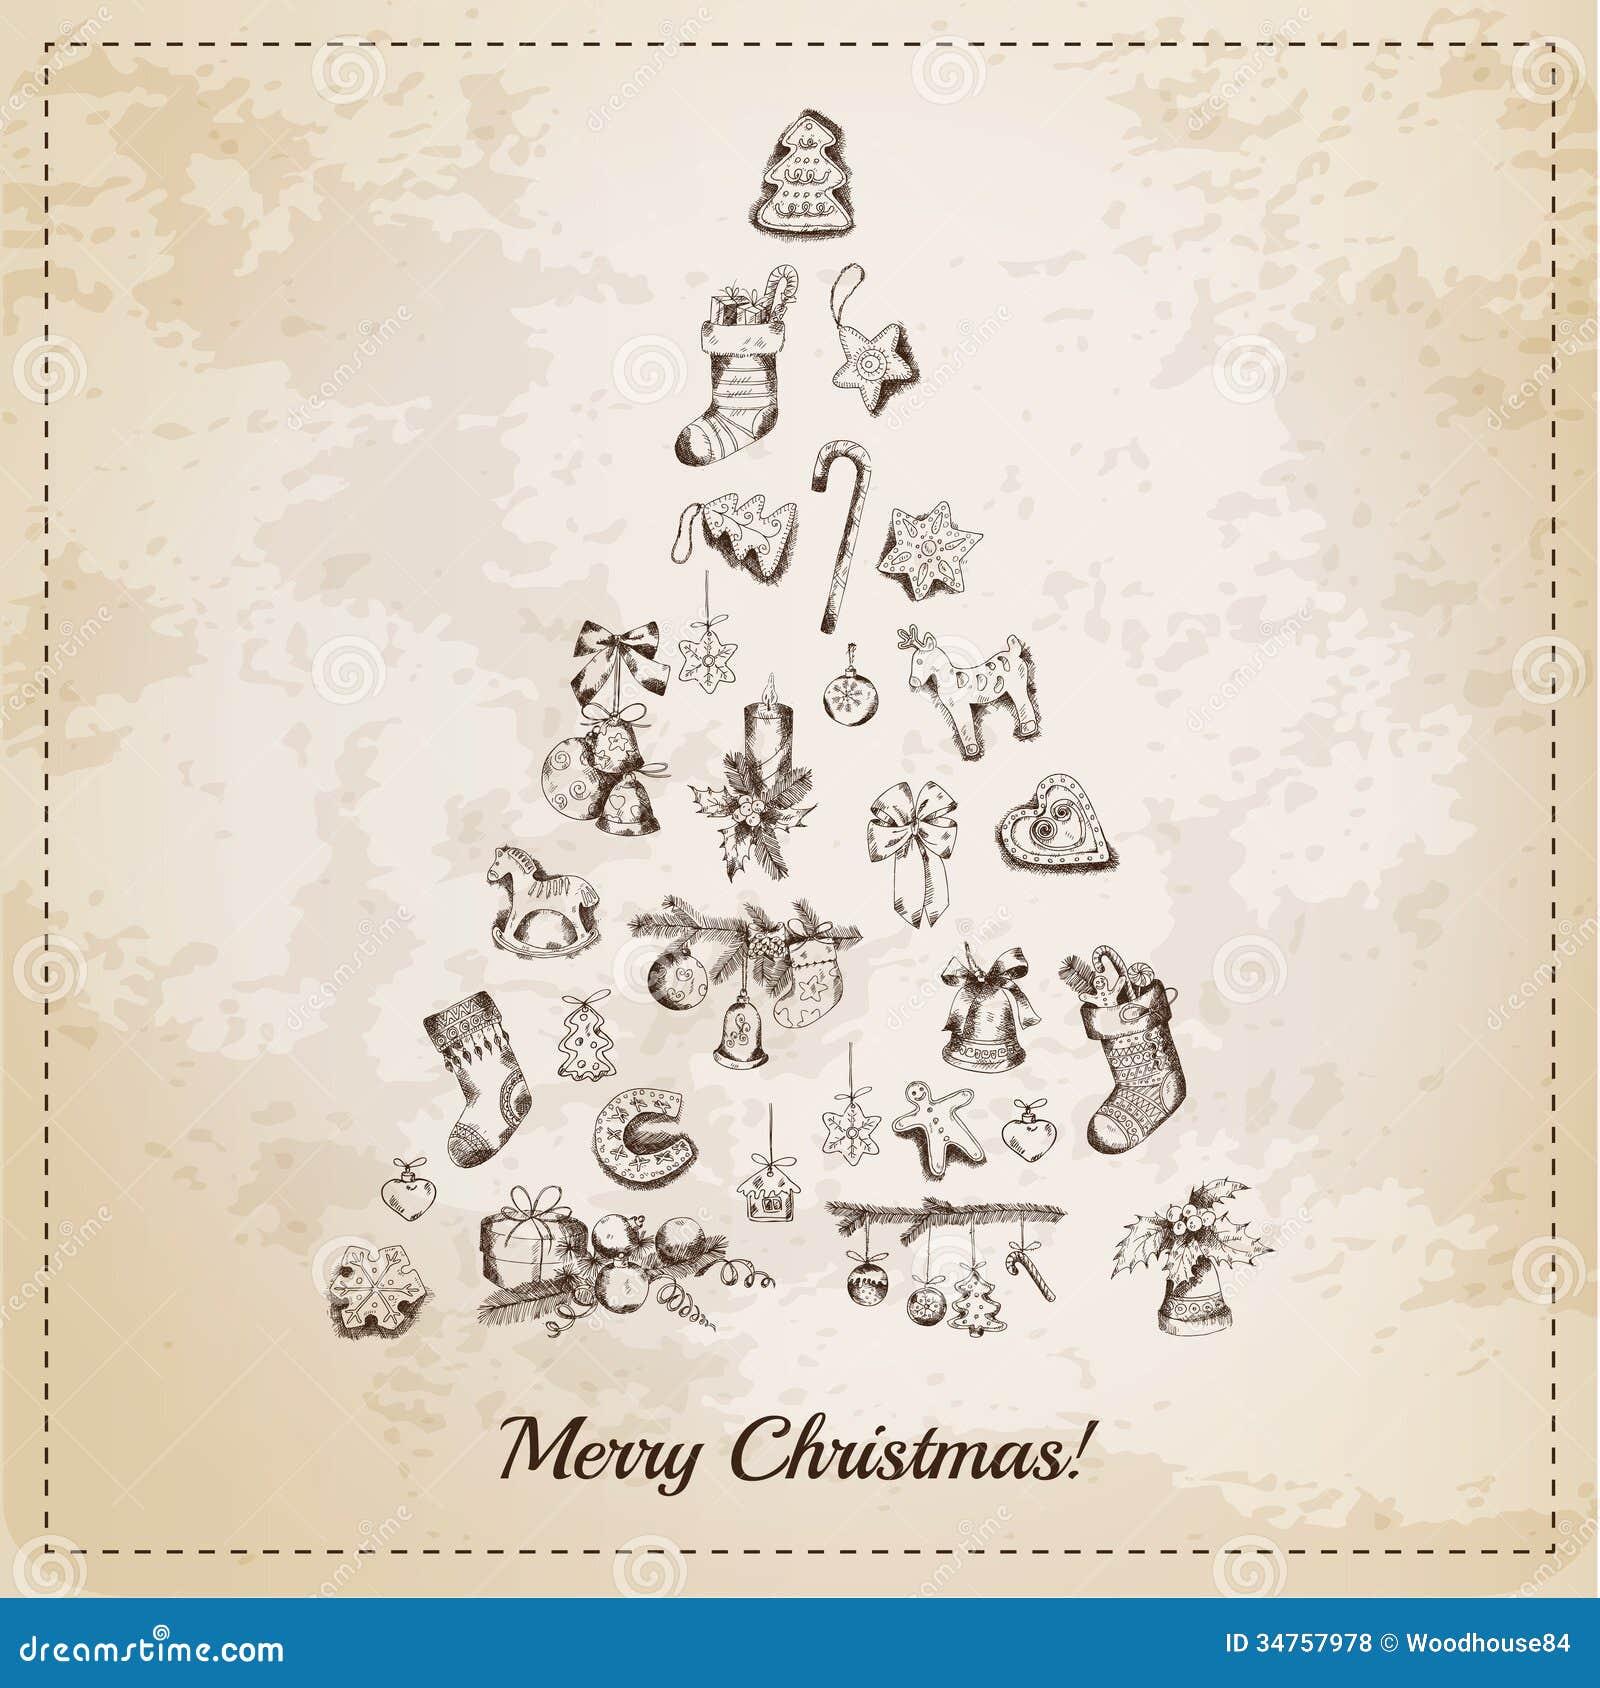 weinlese weihnachtsbaum karte lizenzfreie stockfotos. Black Bedroom Furniture Sets. Home Design Ideas